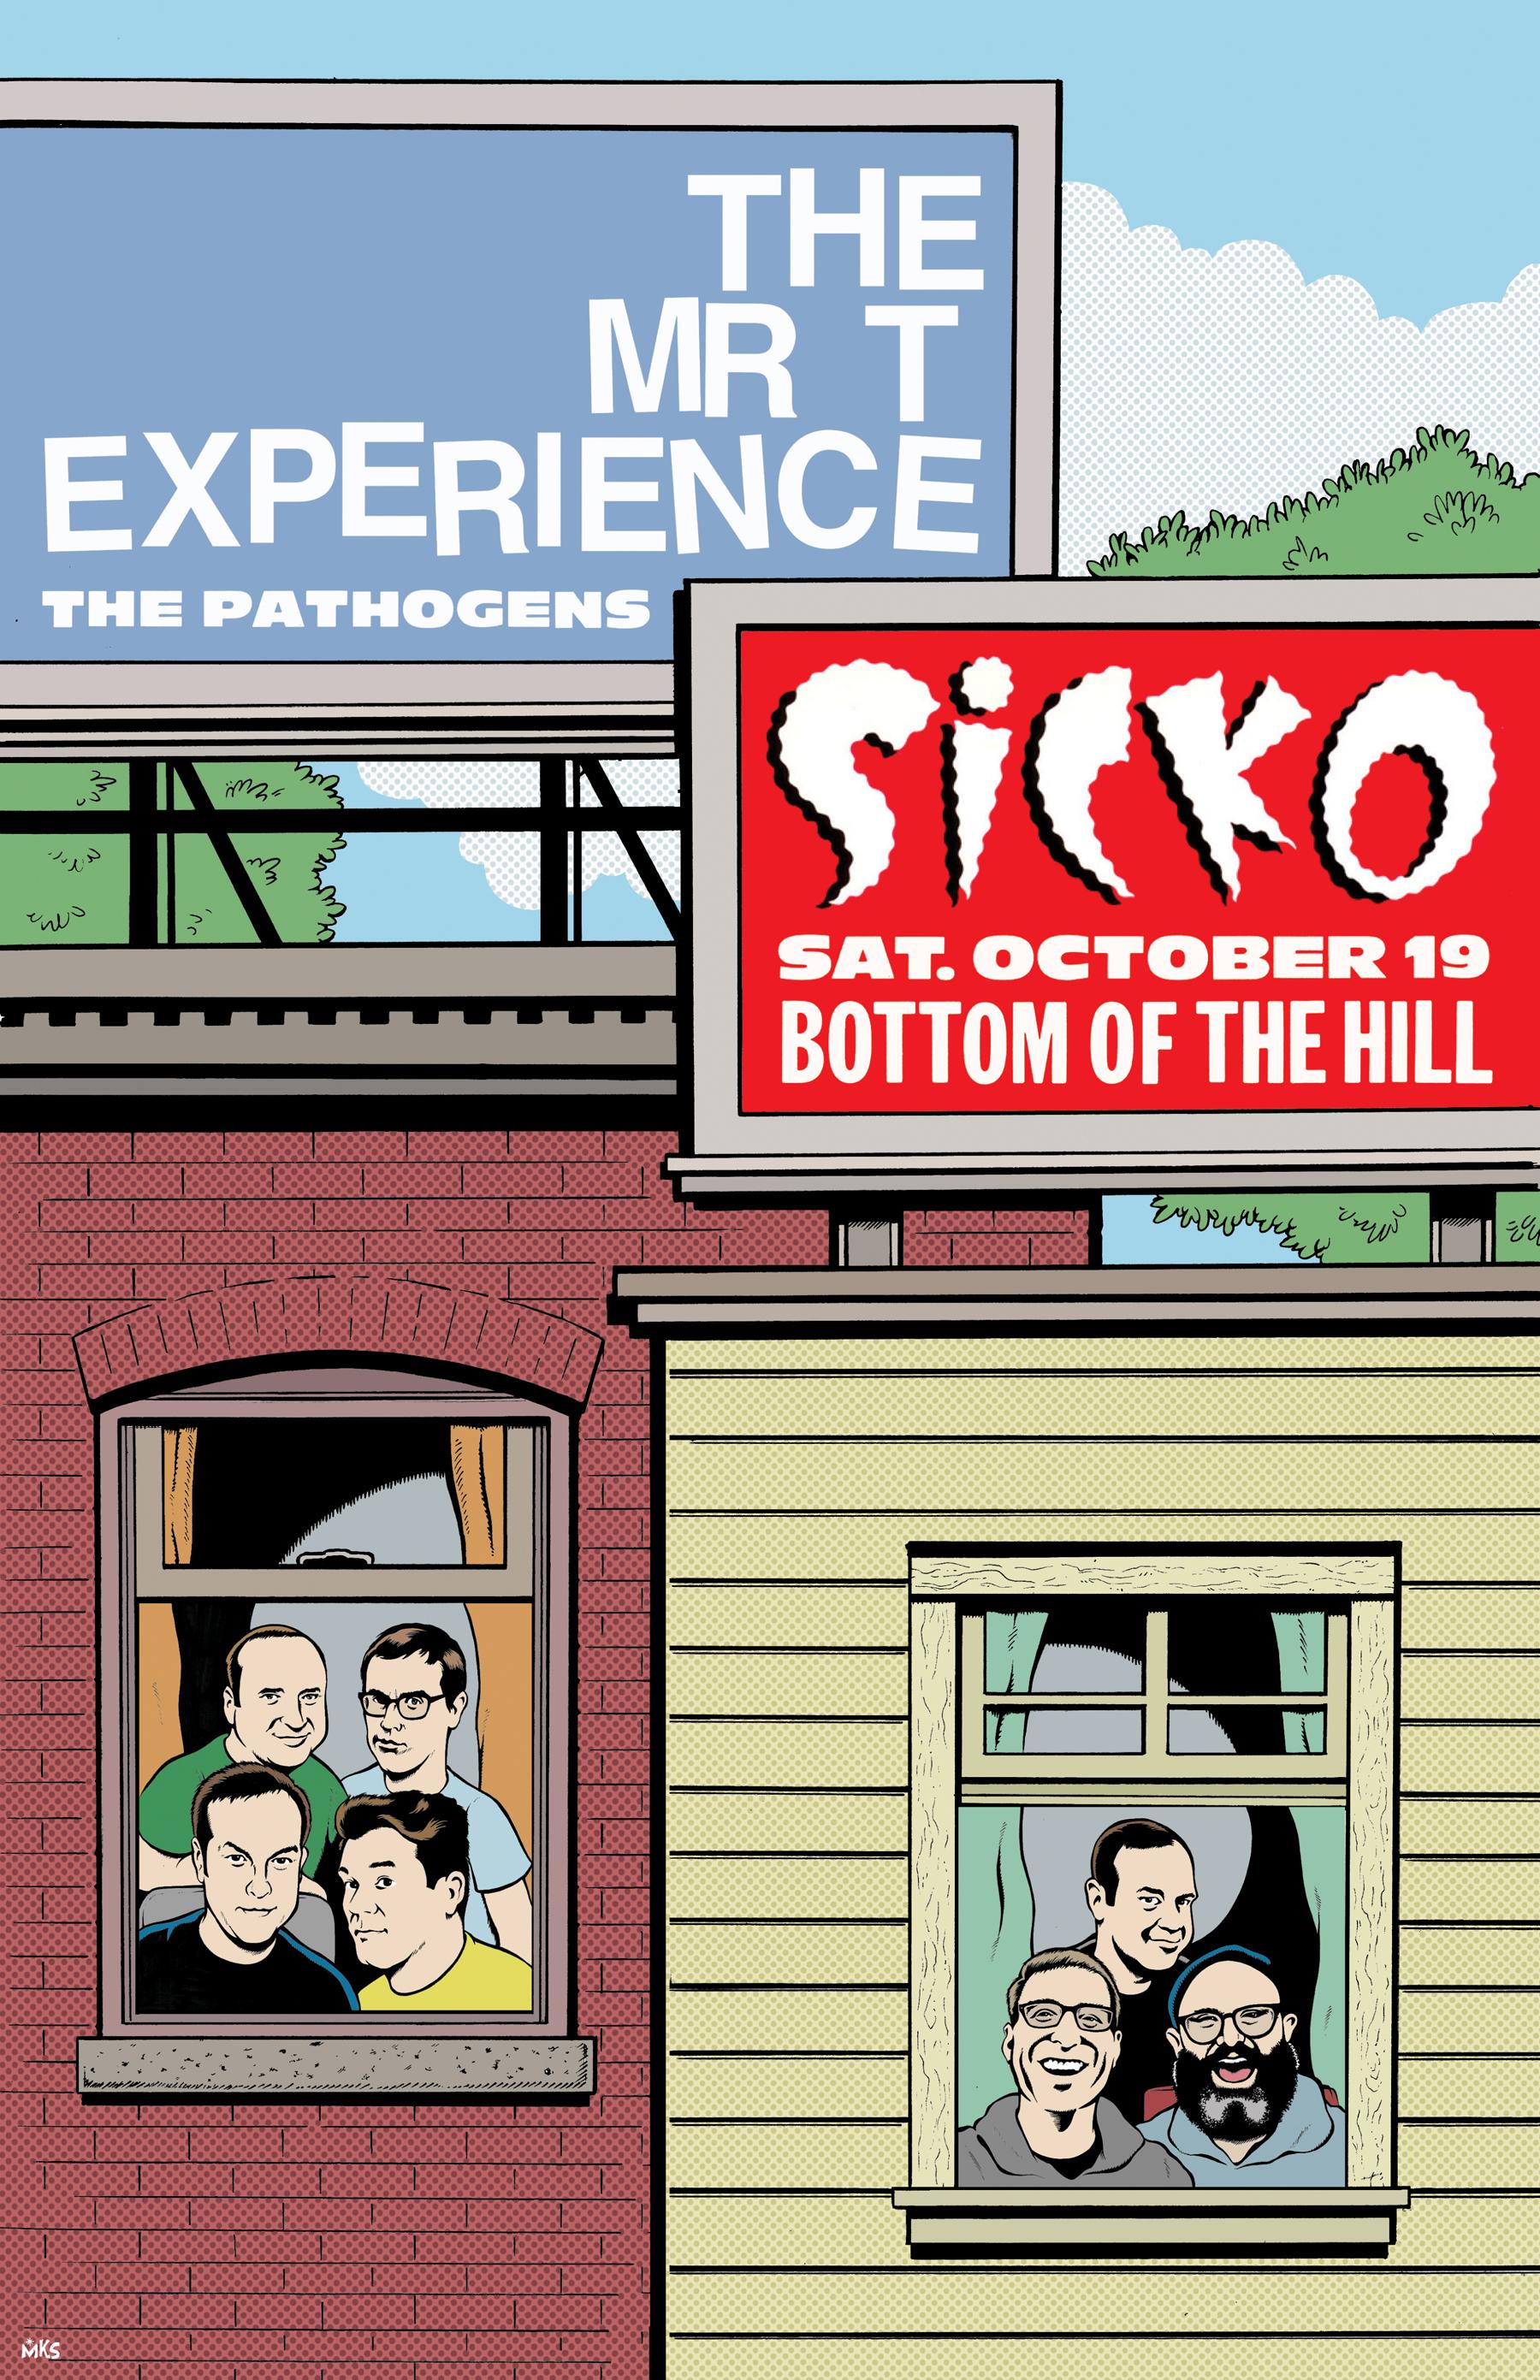 Bottom Of The Hill > Calendar & Tickets